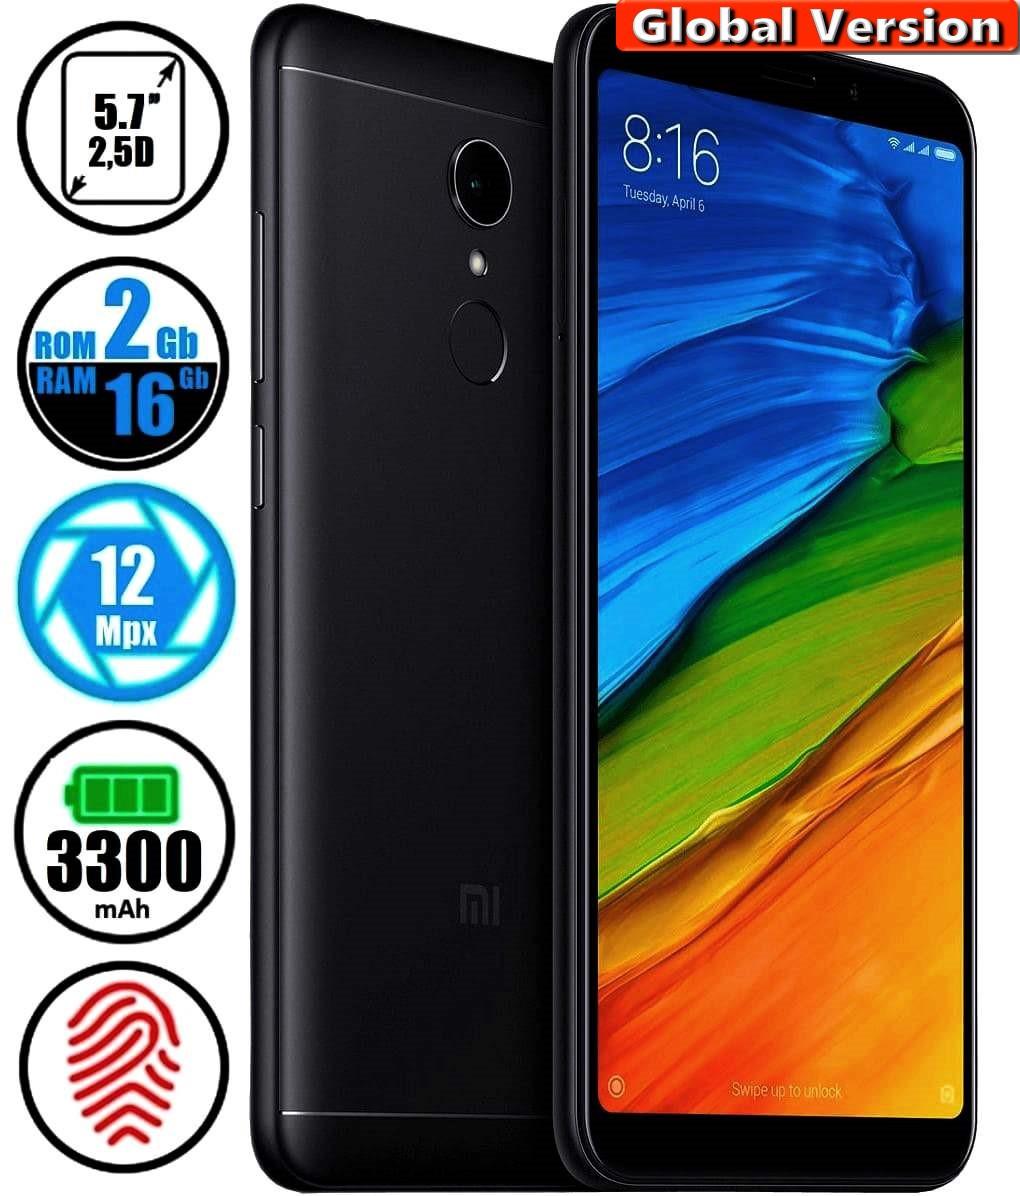 Смартфон Xiaomi Redmi 5 2/16Gb Black 4G MIUI 10 (Сертифицирован в Украине UCRF) + Стекло в подарок